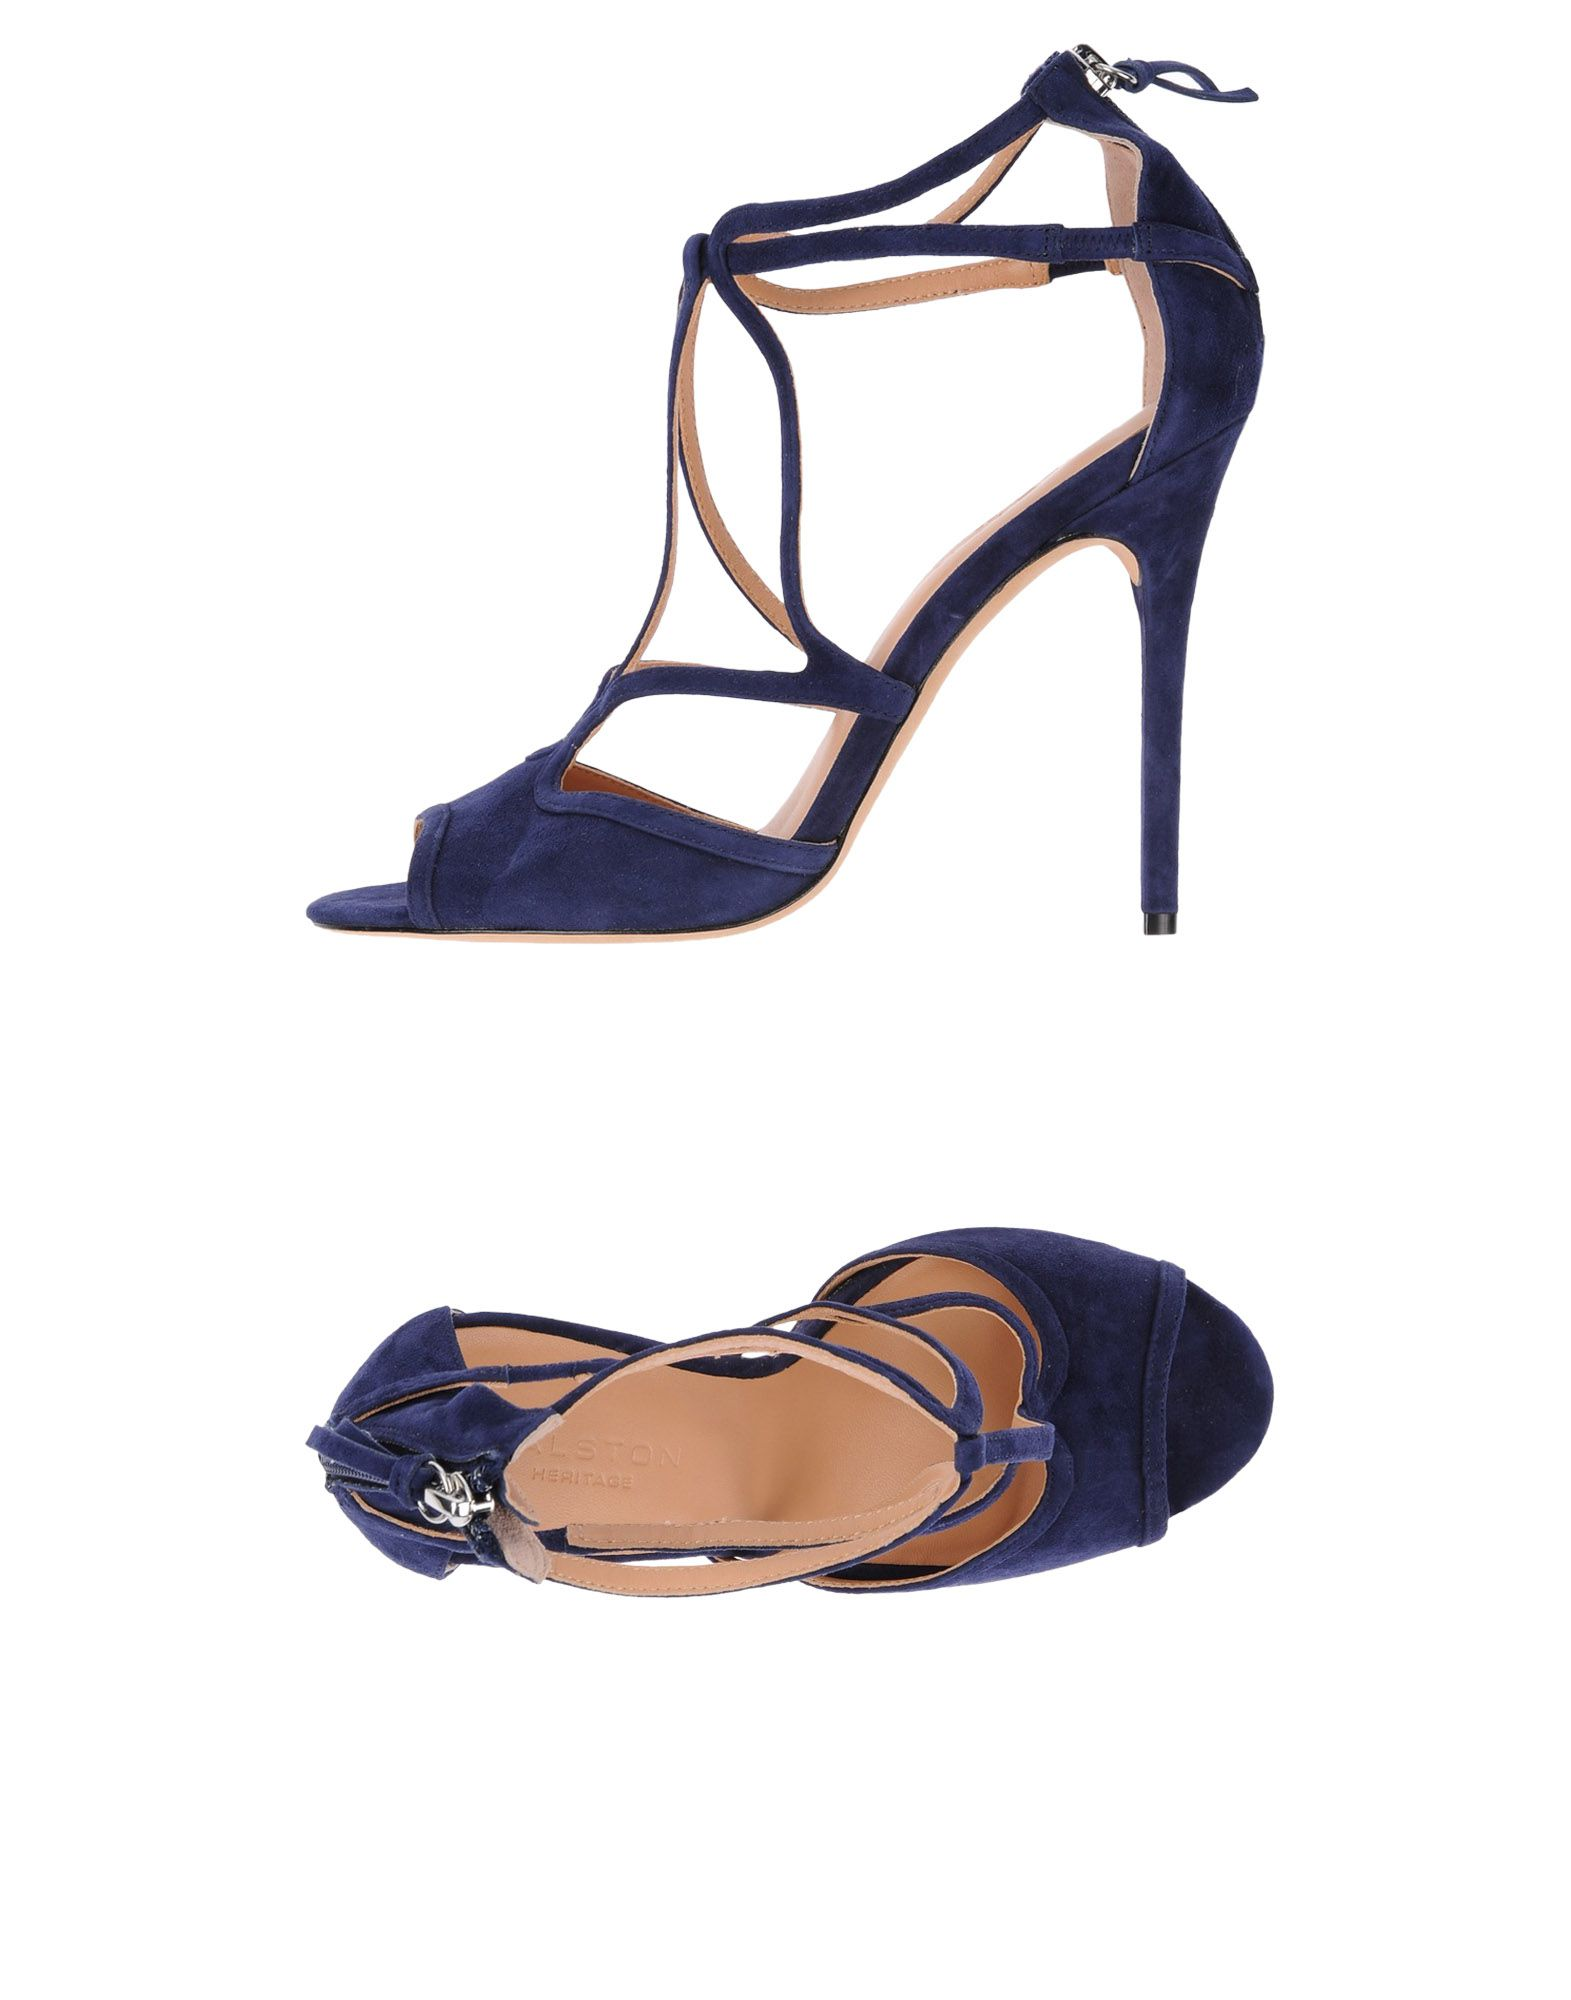 Sneakers Nbr1 Donna - 11293036VH Scarpe economiche e buone